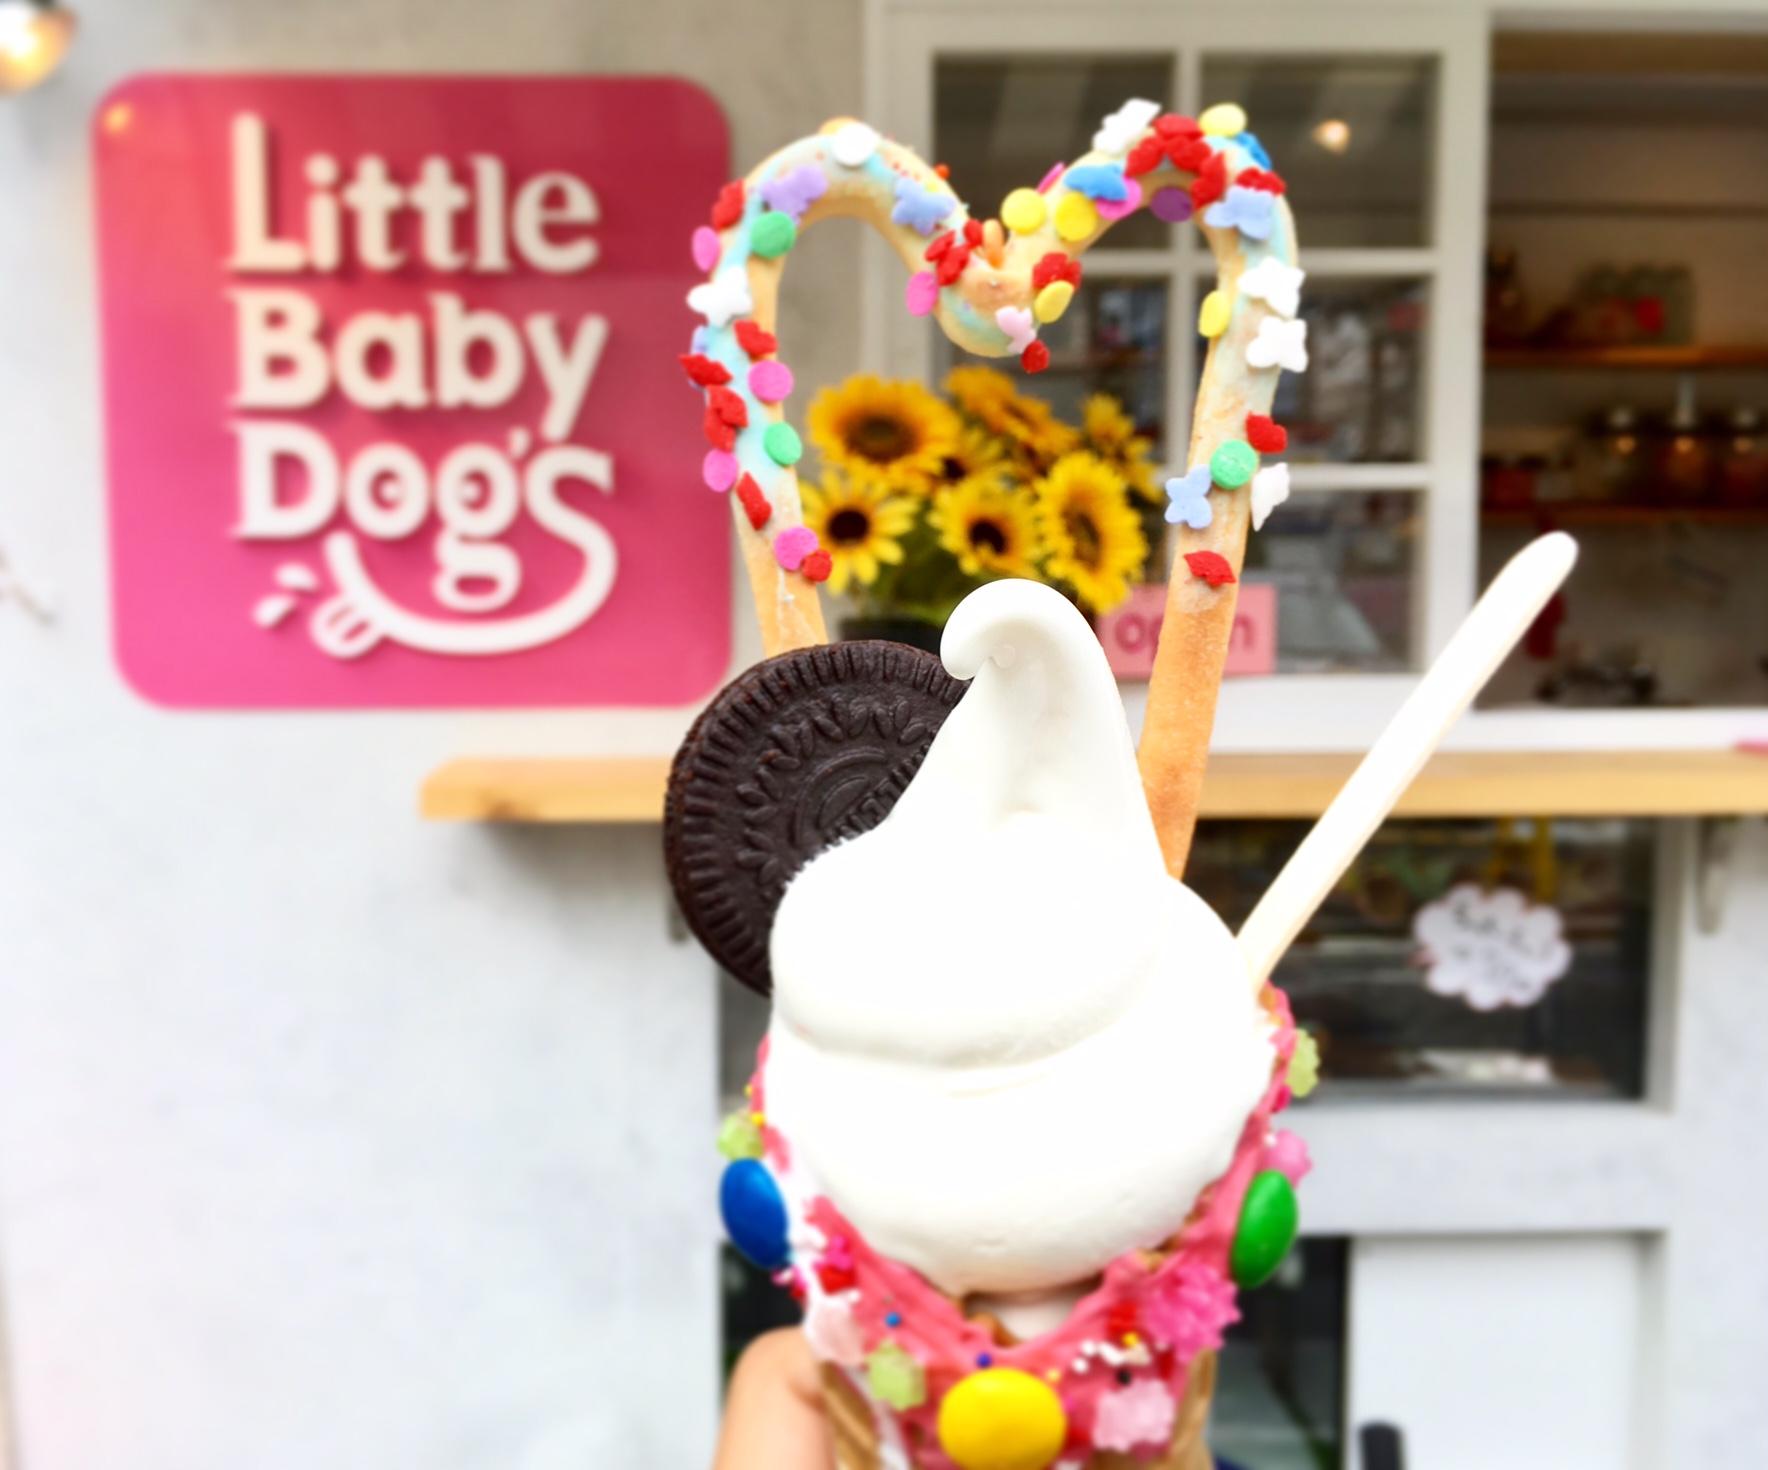 この夏の大本命!可愛すぎるソフトクリームが話題の『リトルベビードッグス』 - IMG 4009 1